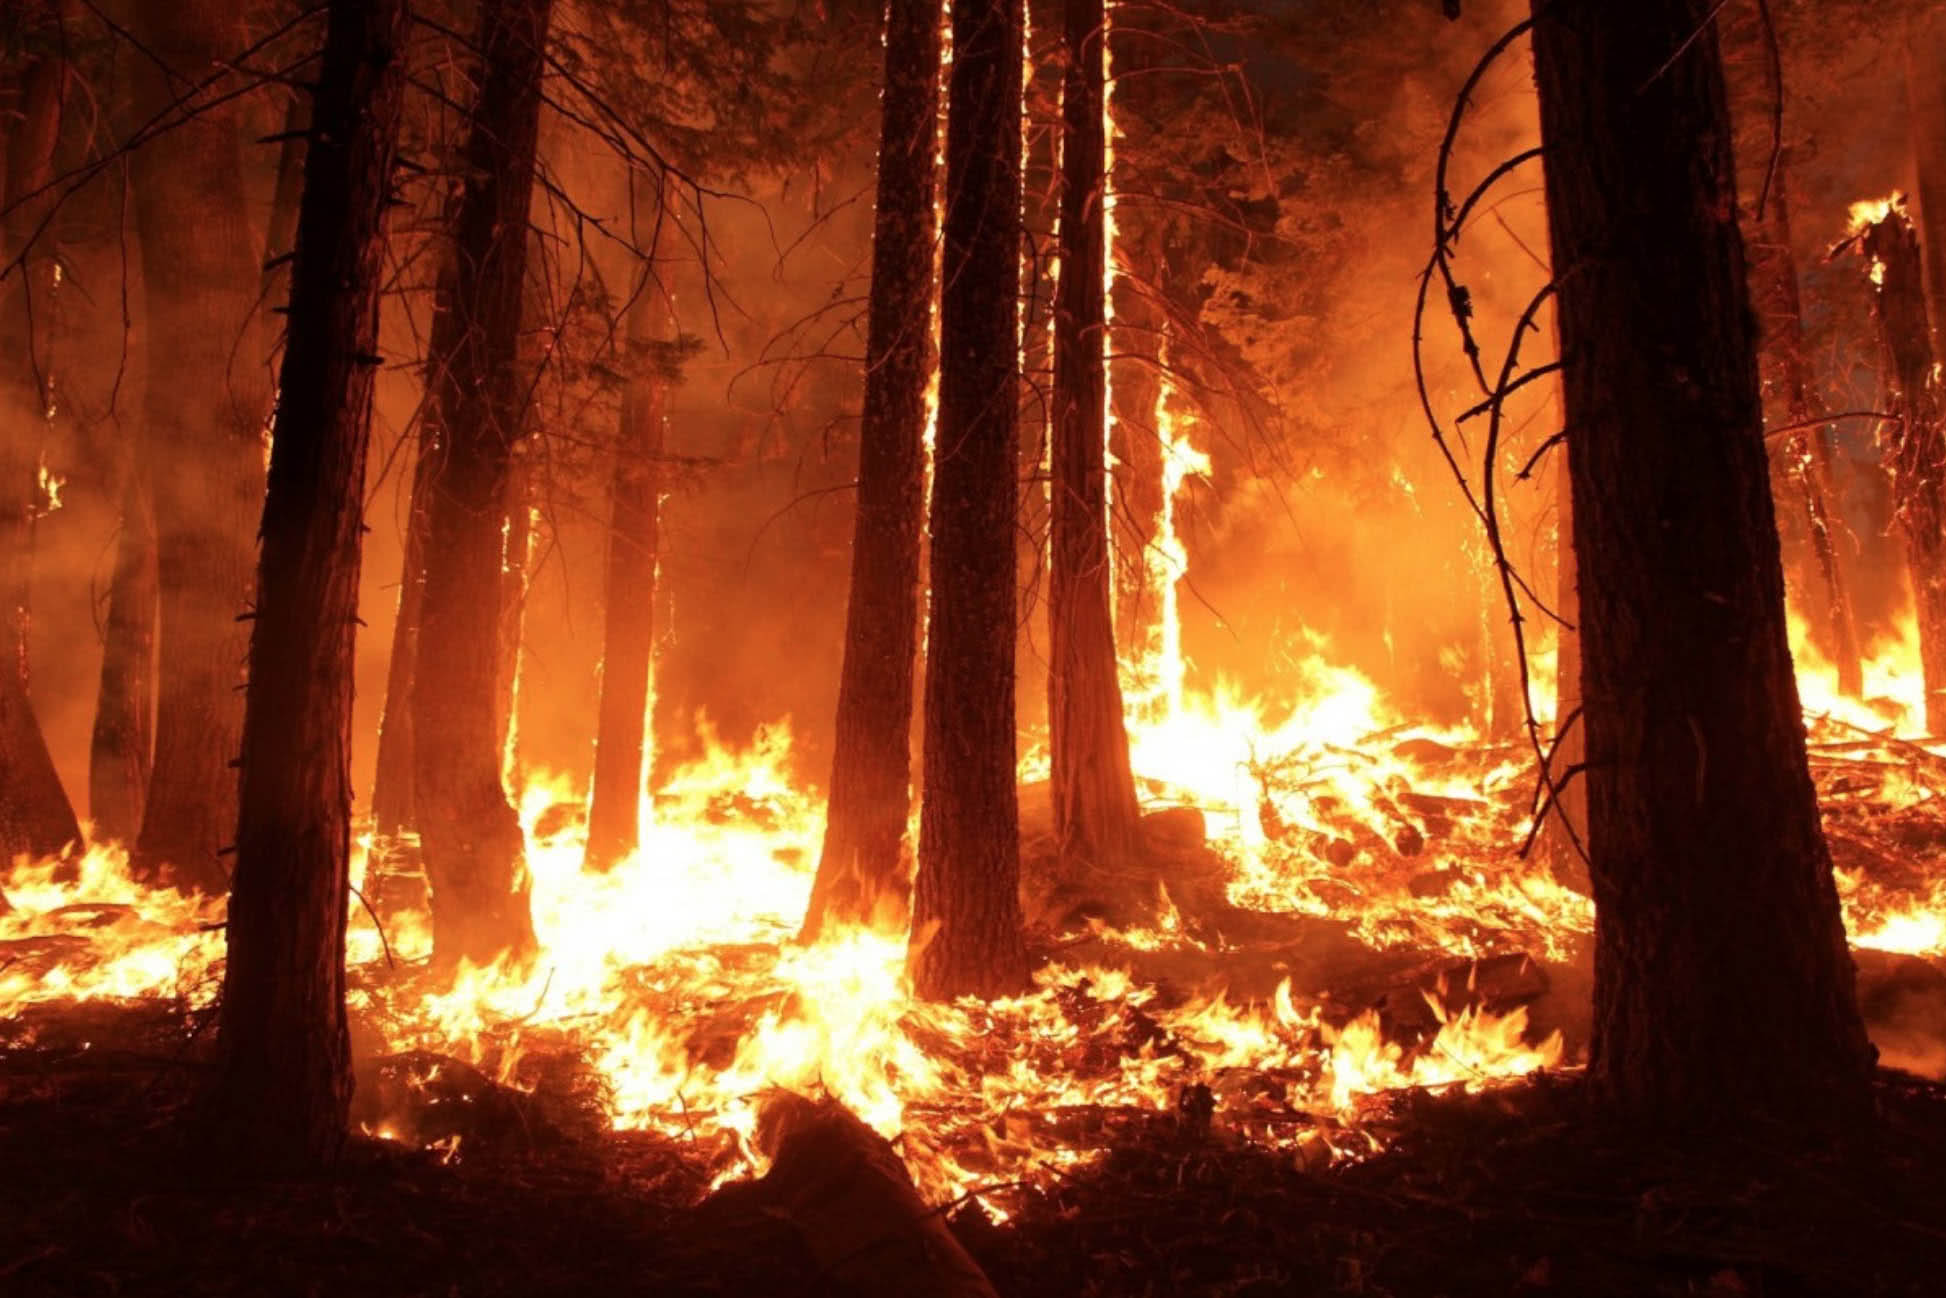 Incêndios florestais contribuem para transformar a amazônia em savana